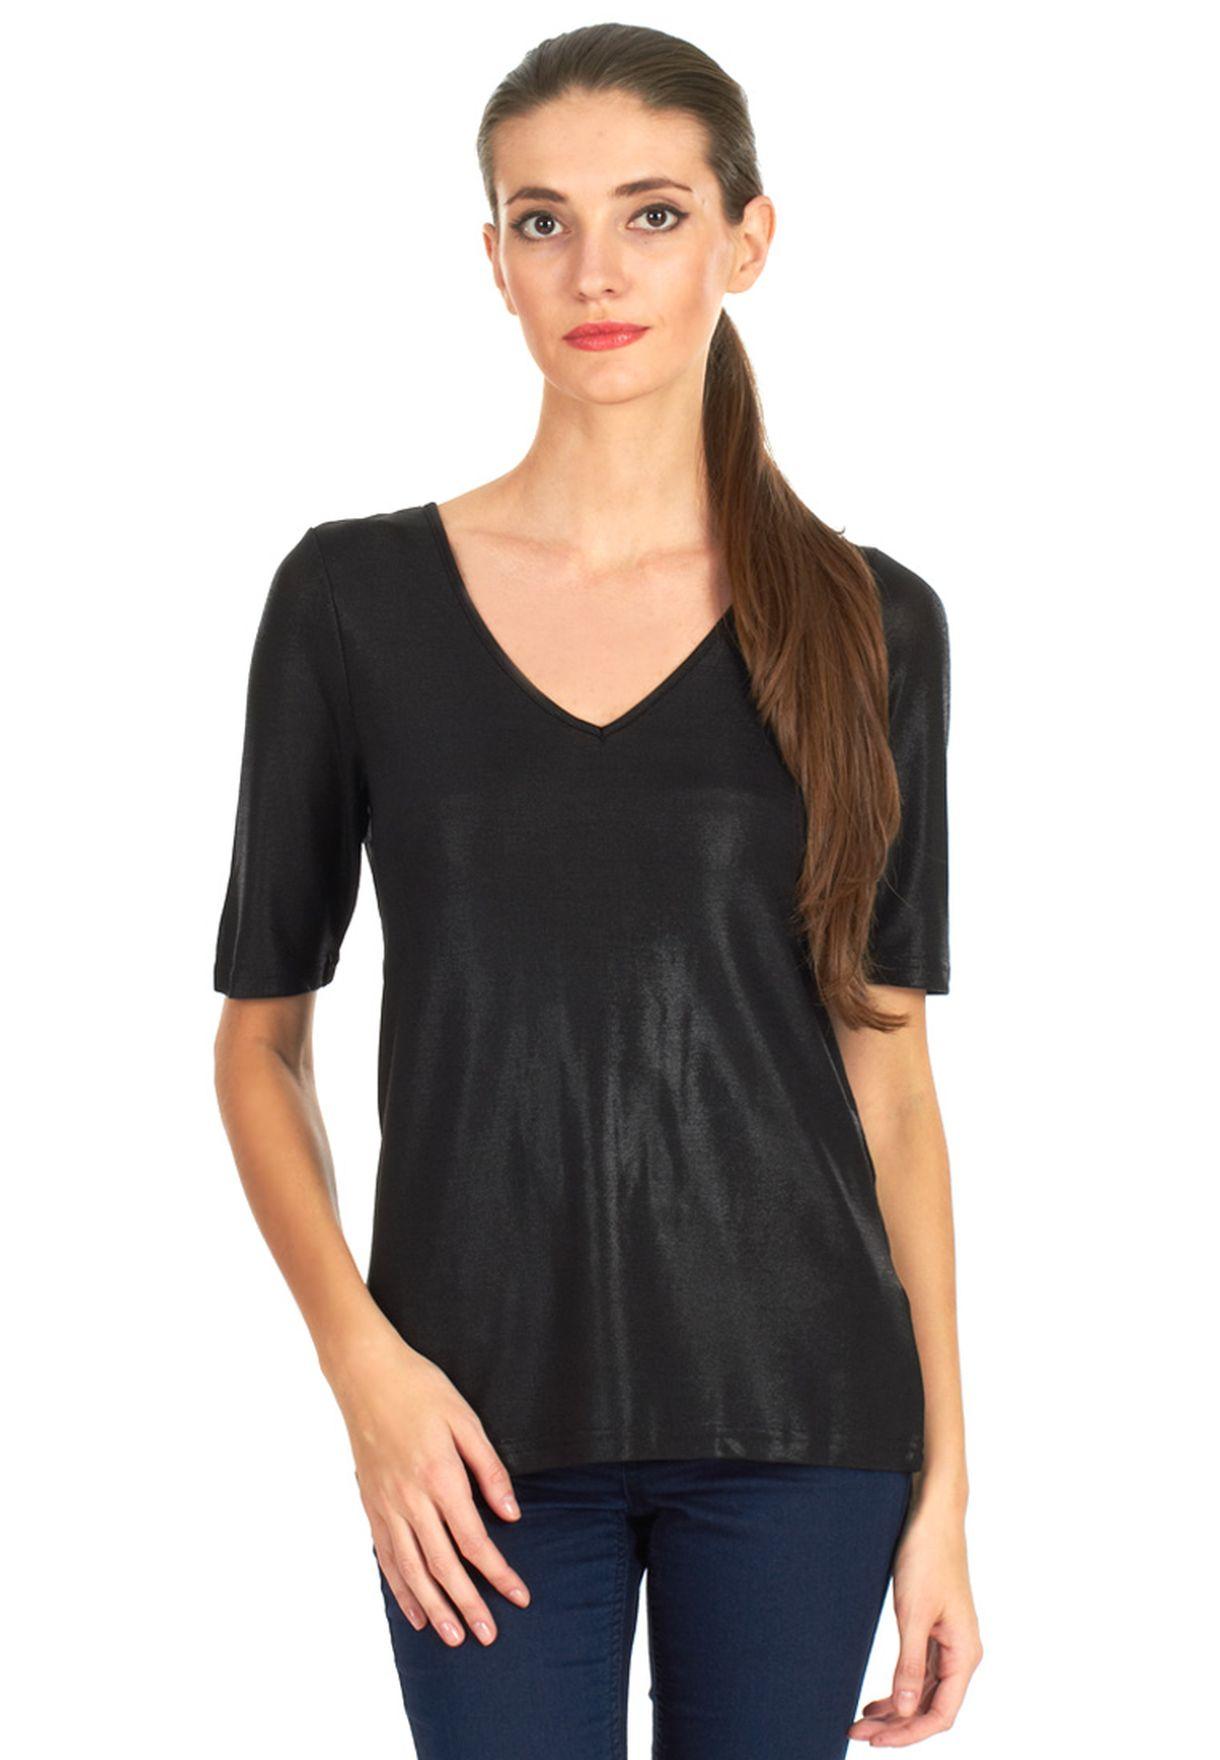 cc52be6cd8873 Shop Vero Moda black Tita Vneck Top Fi for Women in UAE - VE758AT47NPW